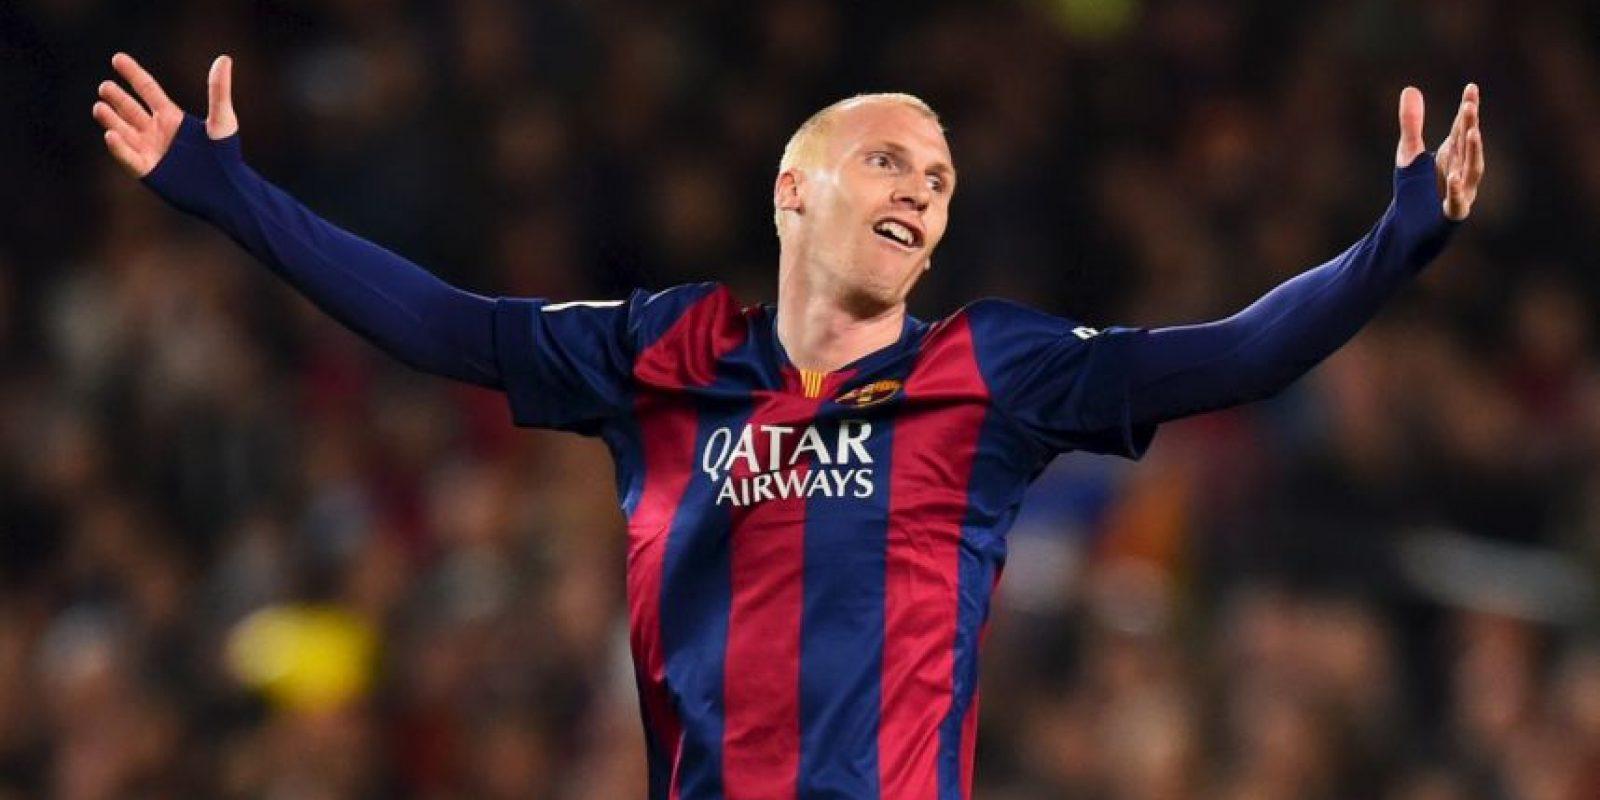 Llegó al Barcelona en la temporada 2014-2015, pero fue muy criticado por su edad: 31 años al momento del fichaje. Foto:Getty Images